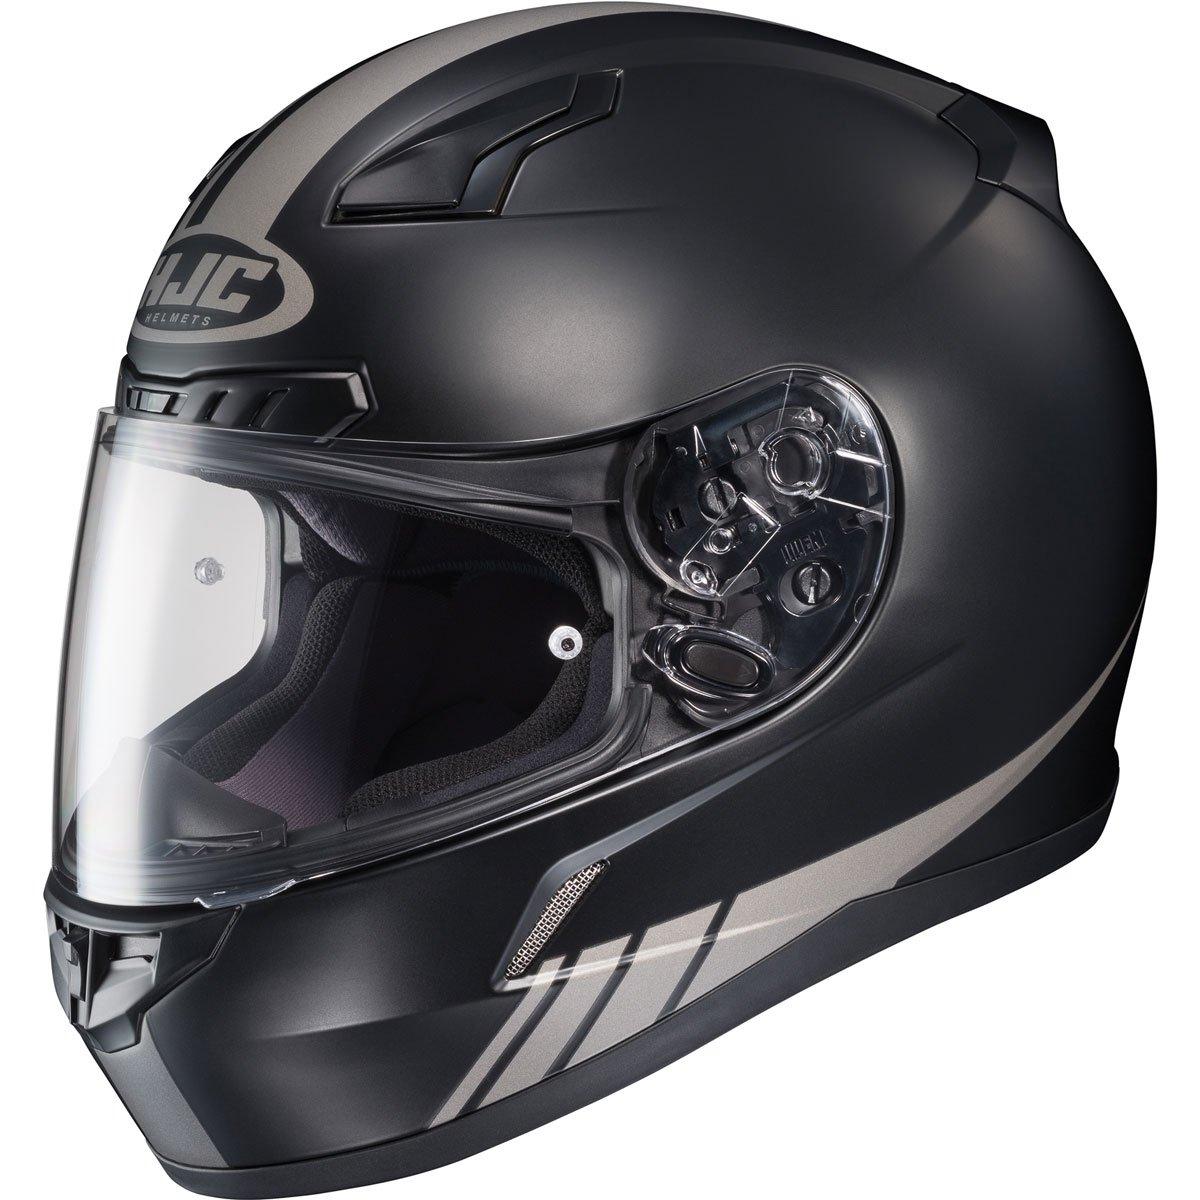 HJC Streamline Men's CL-17 Sports Bike Motorcycle Helmet - MC-5GF / Large by HJC Helmets (Image #1)